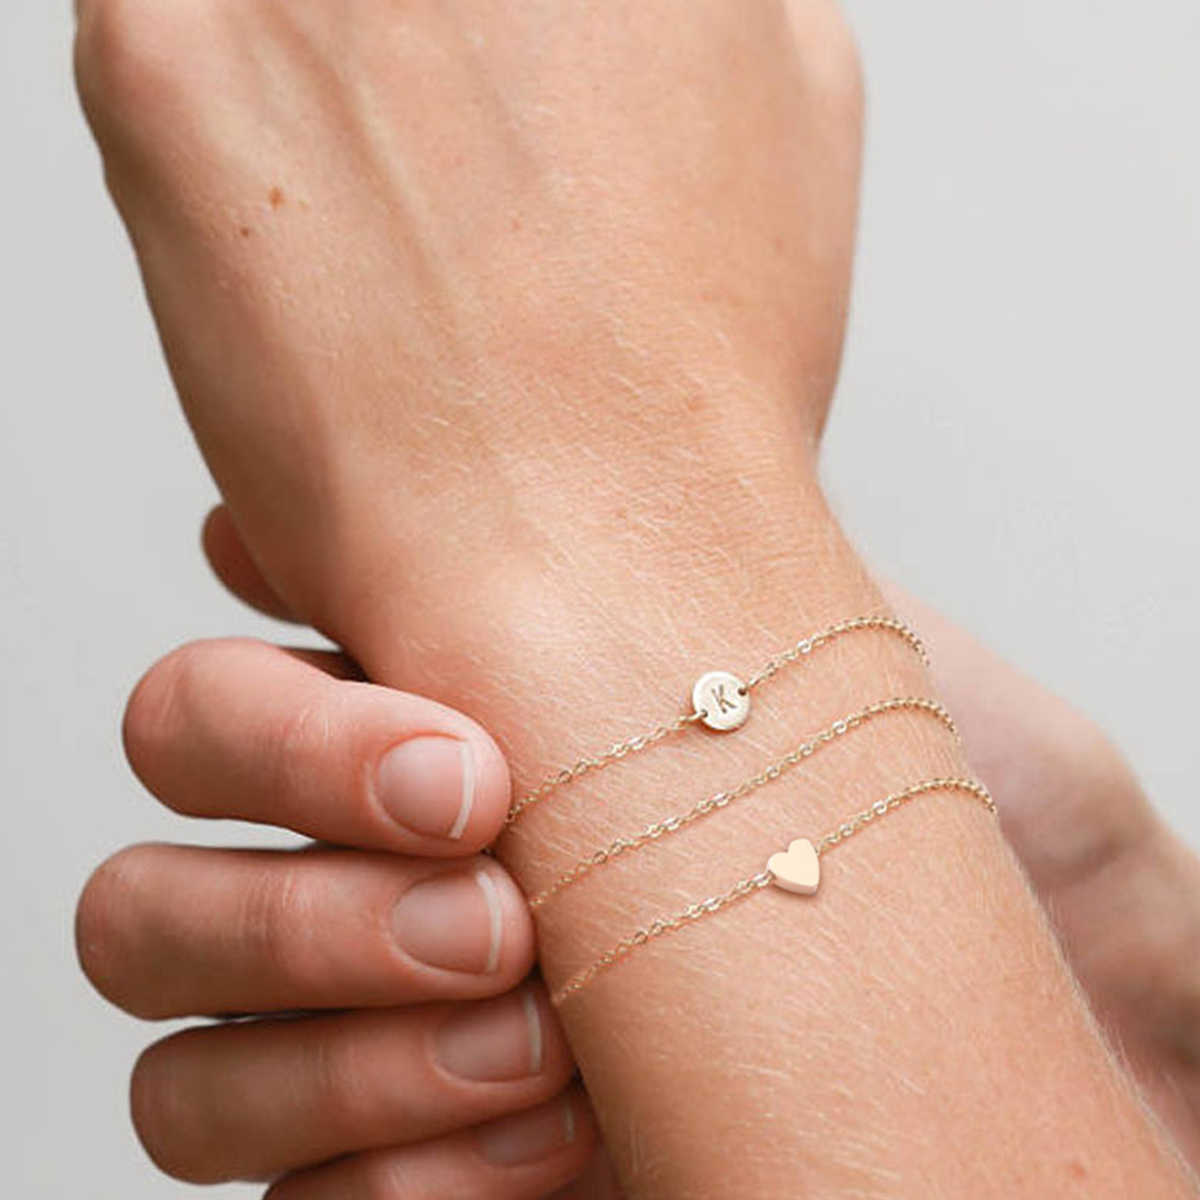 צמיד לנשים מכתב & לב צורת שילוב צמידי נשים של תכשיטי שלוש-חתיכה מעודן אופנה מתנה Bracciale femmina